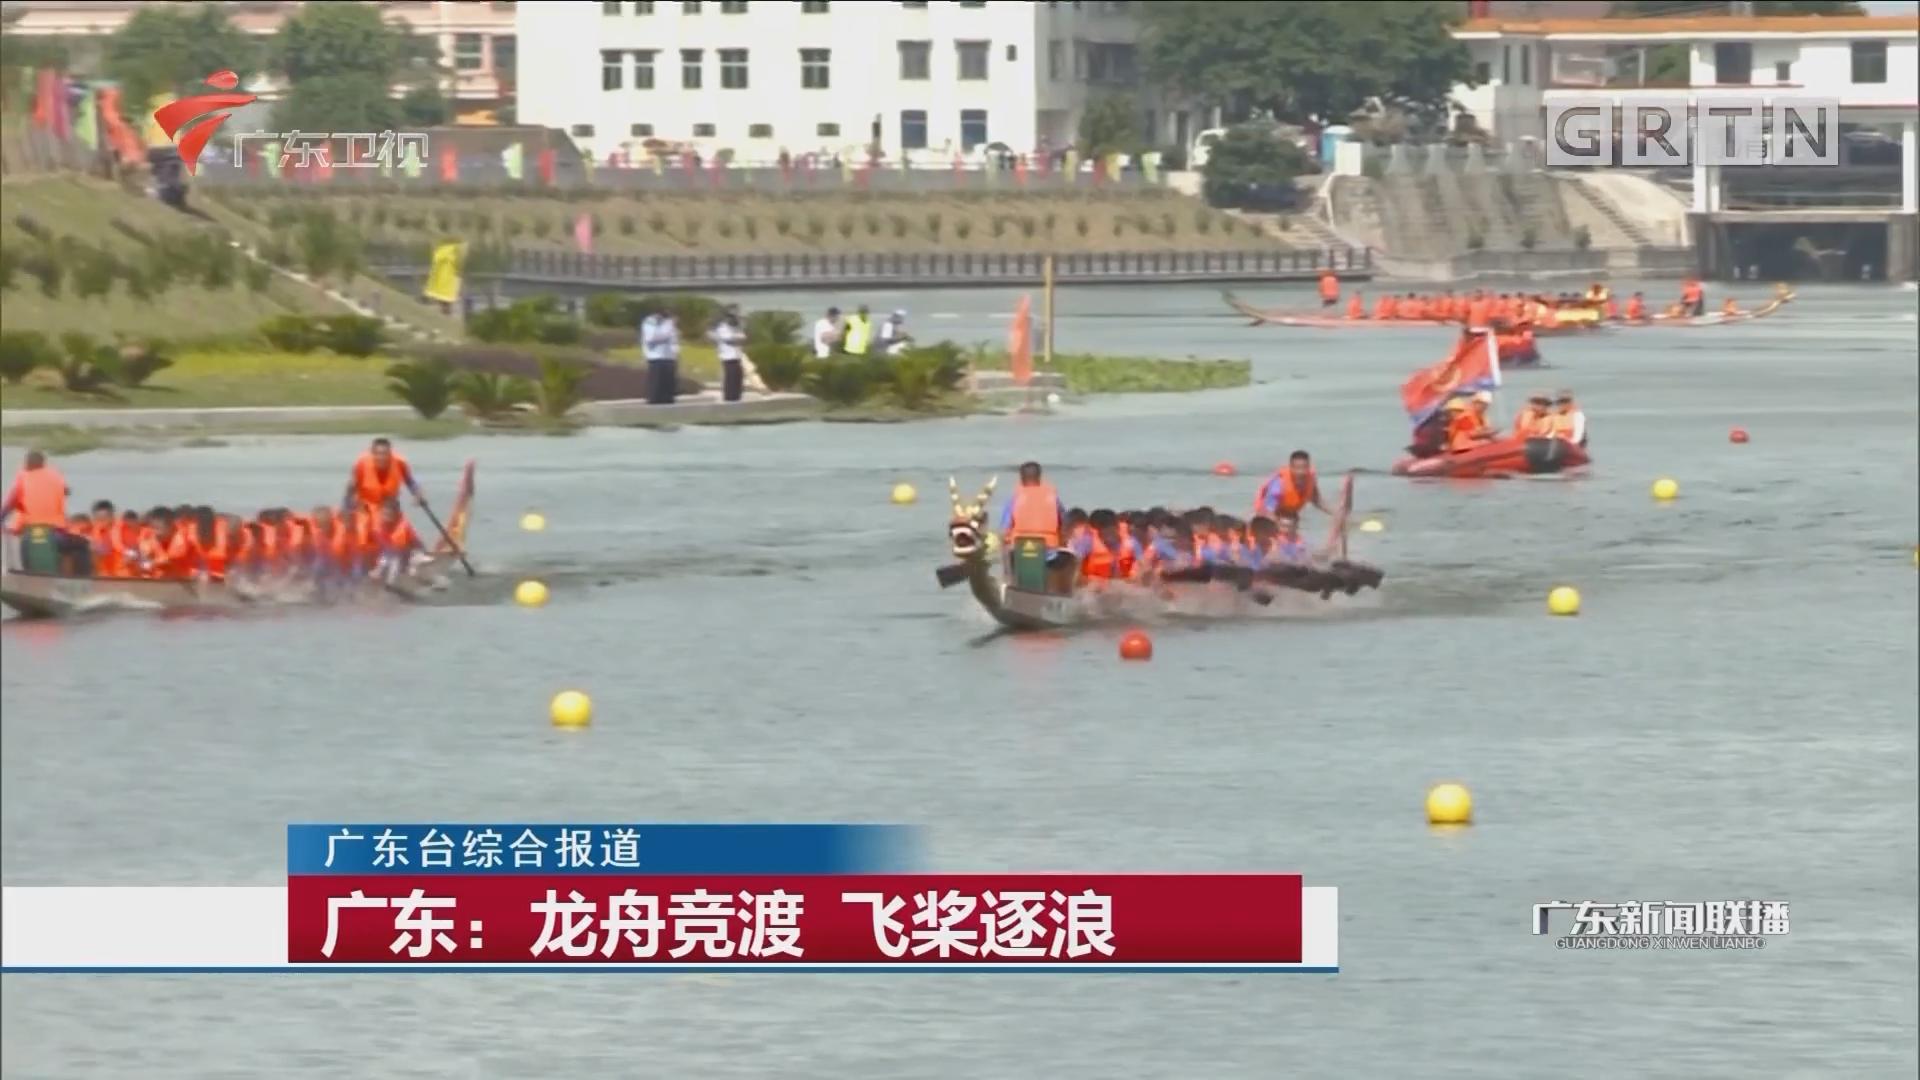 广东:龙舟竞渡 飞桨逐浪